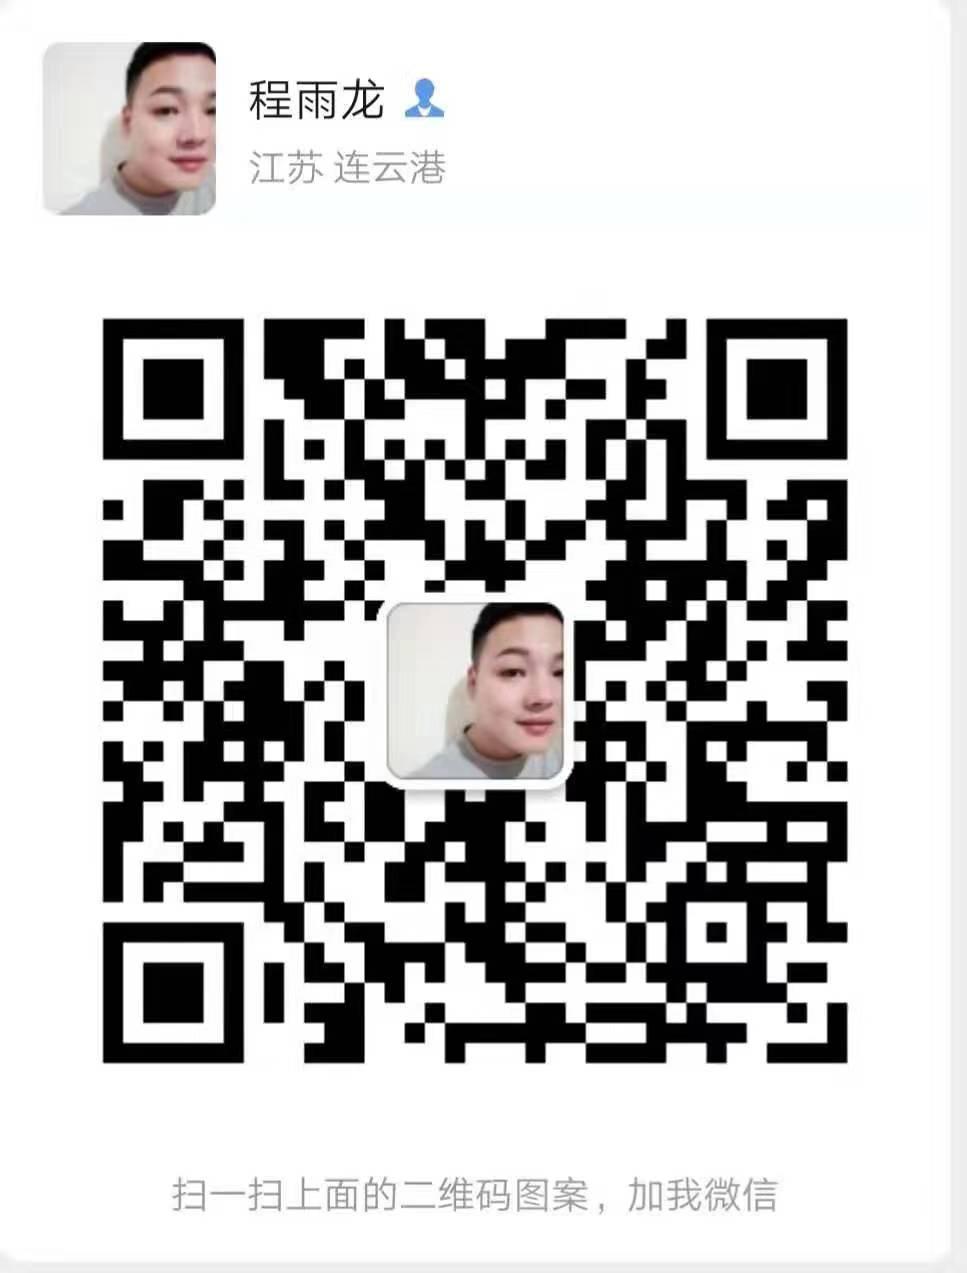 伊生堂中国大健康市场的红利价格贵不贵?